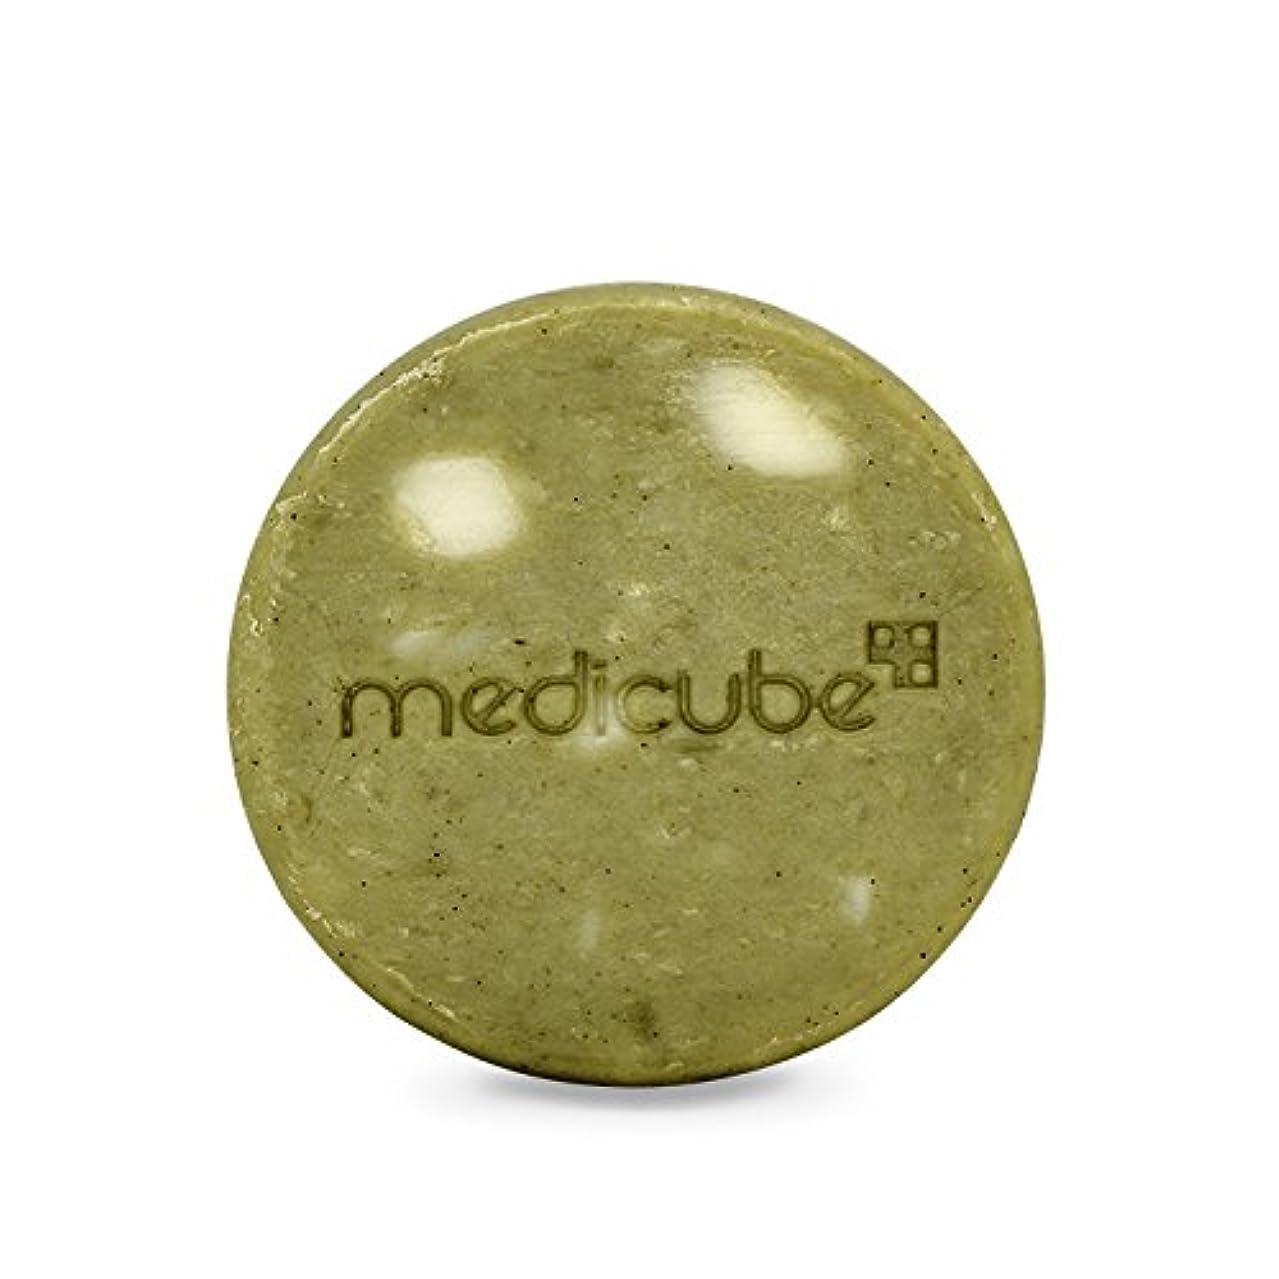 長椅子行くマーチャンダイジング[Medicube]Red Body Bar / メディキューブレッドボディバー / 正品?海外直送商品 [並行輸入品]